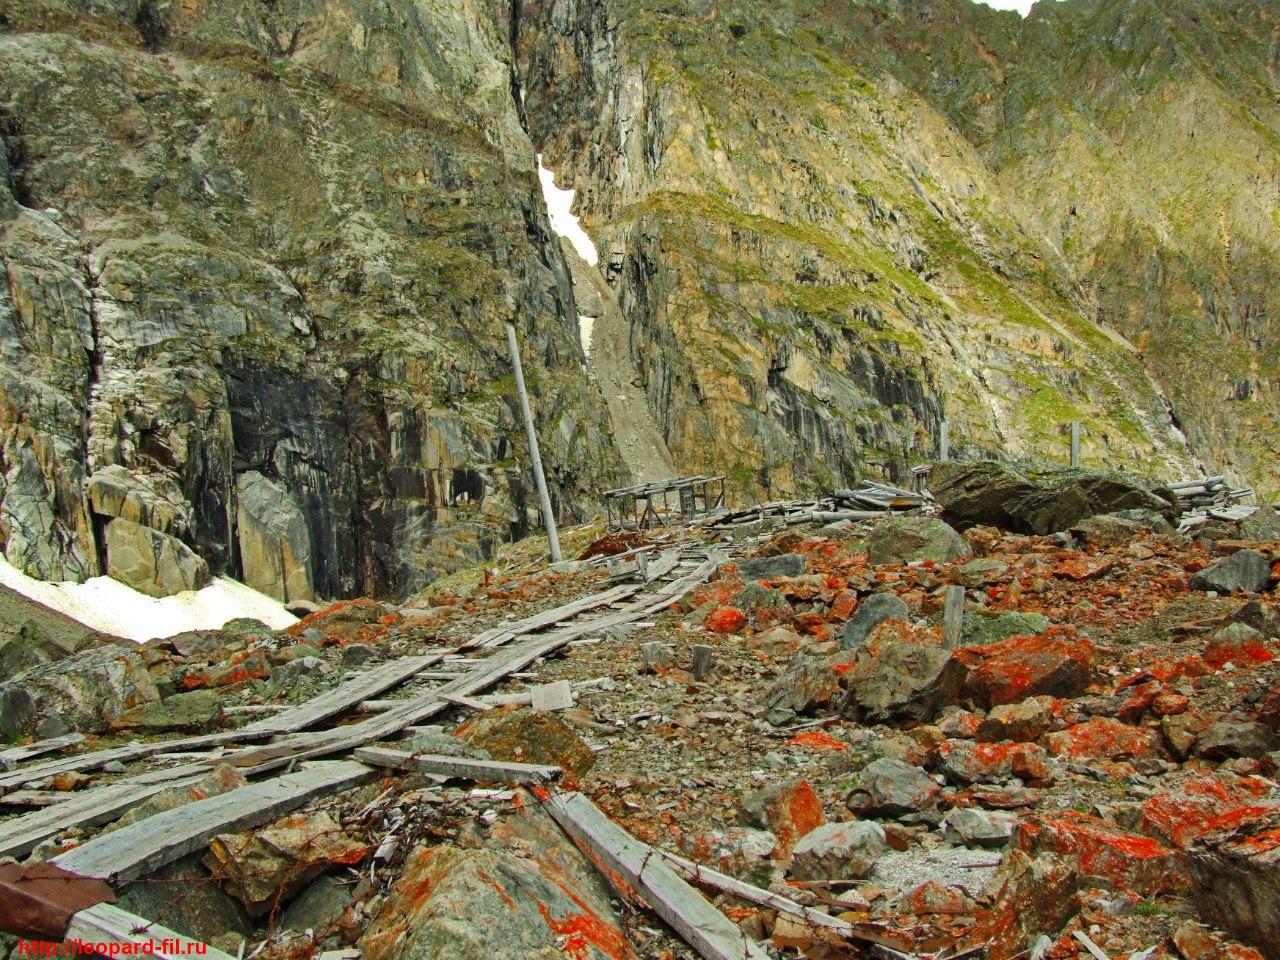 Мраморное ущелье: опасность работы в штольнях